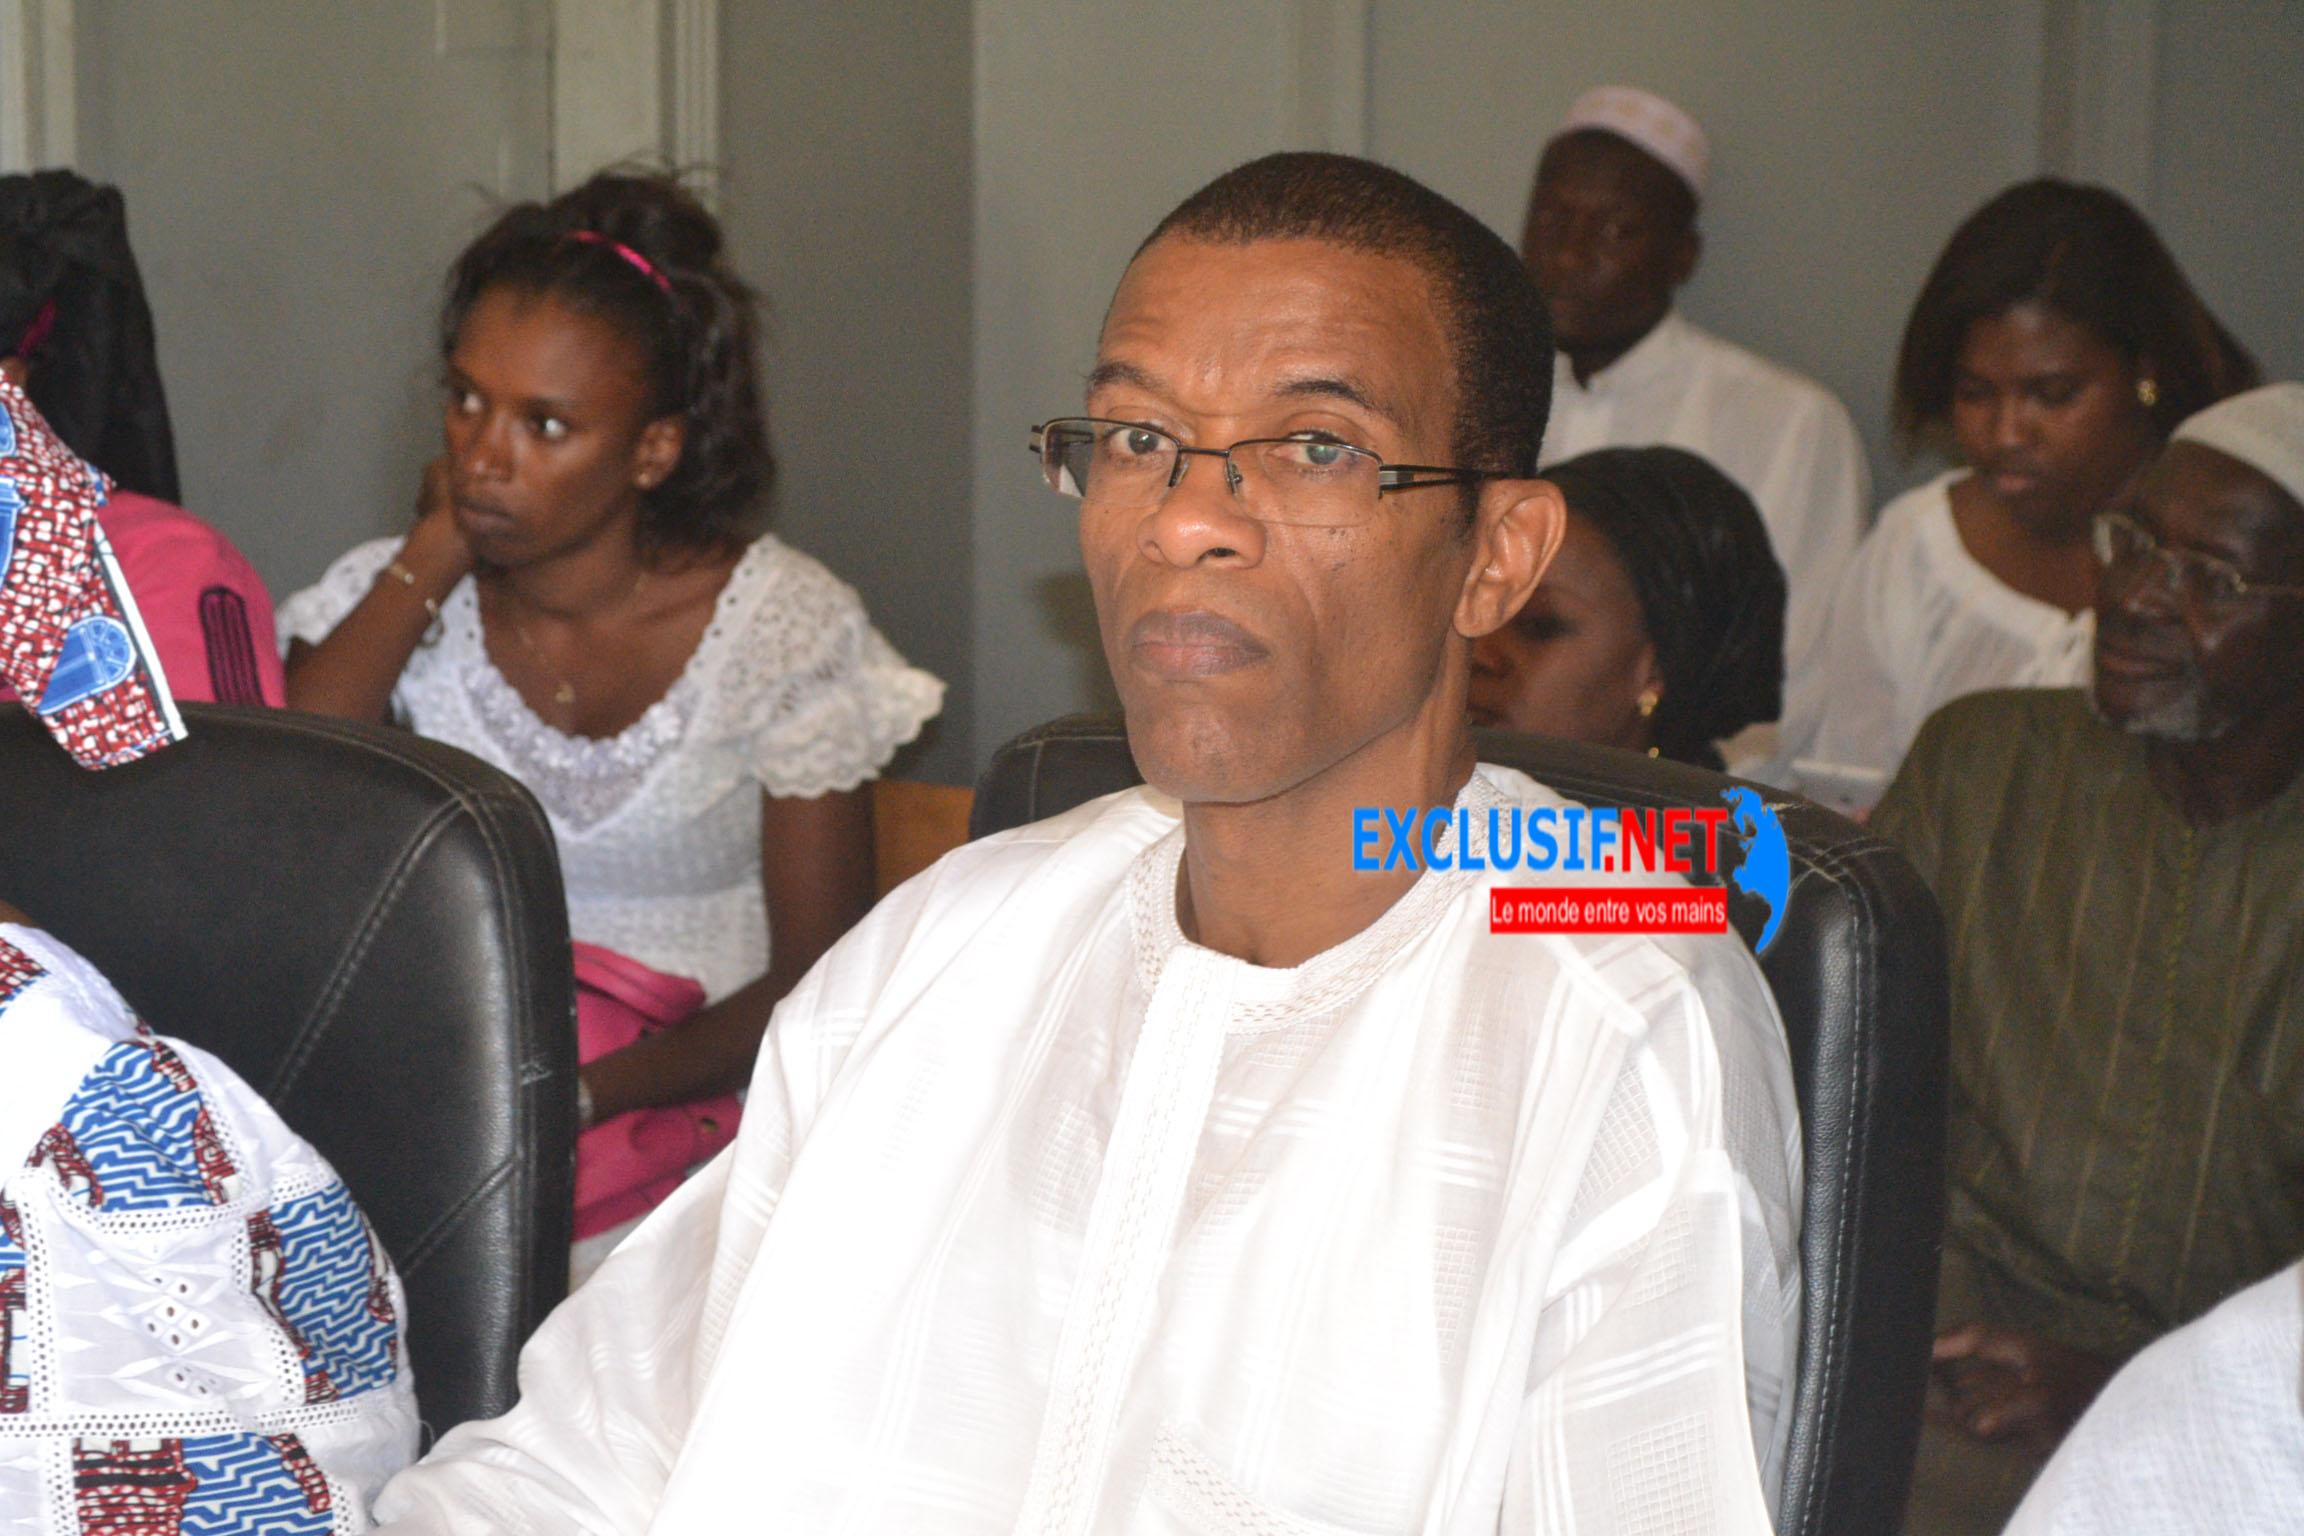 Dakar Plateau : Pourquoi le maire Alioune Ndoye doit partir